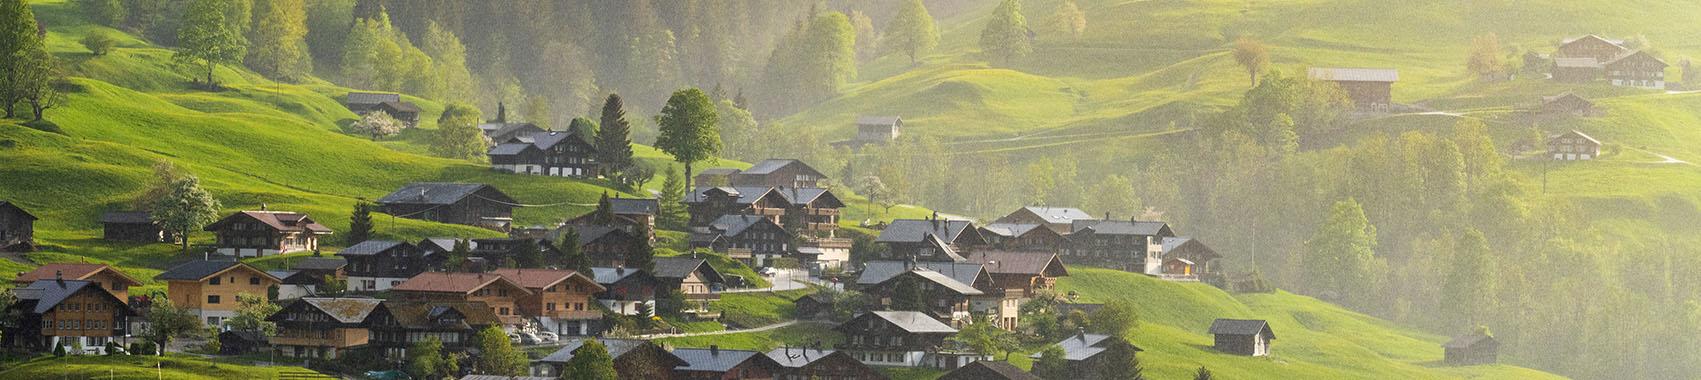 Switzerland-Bern